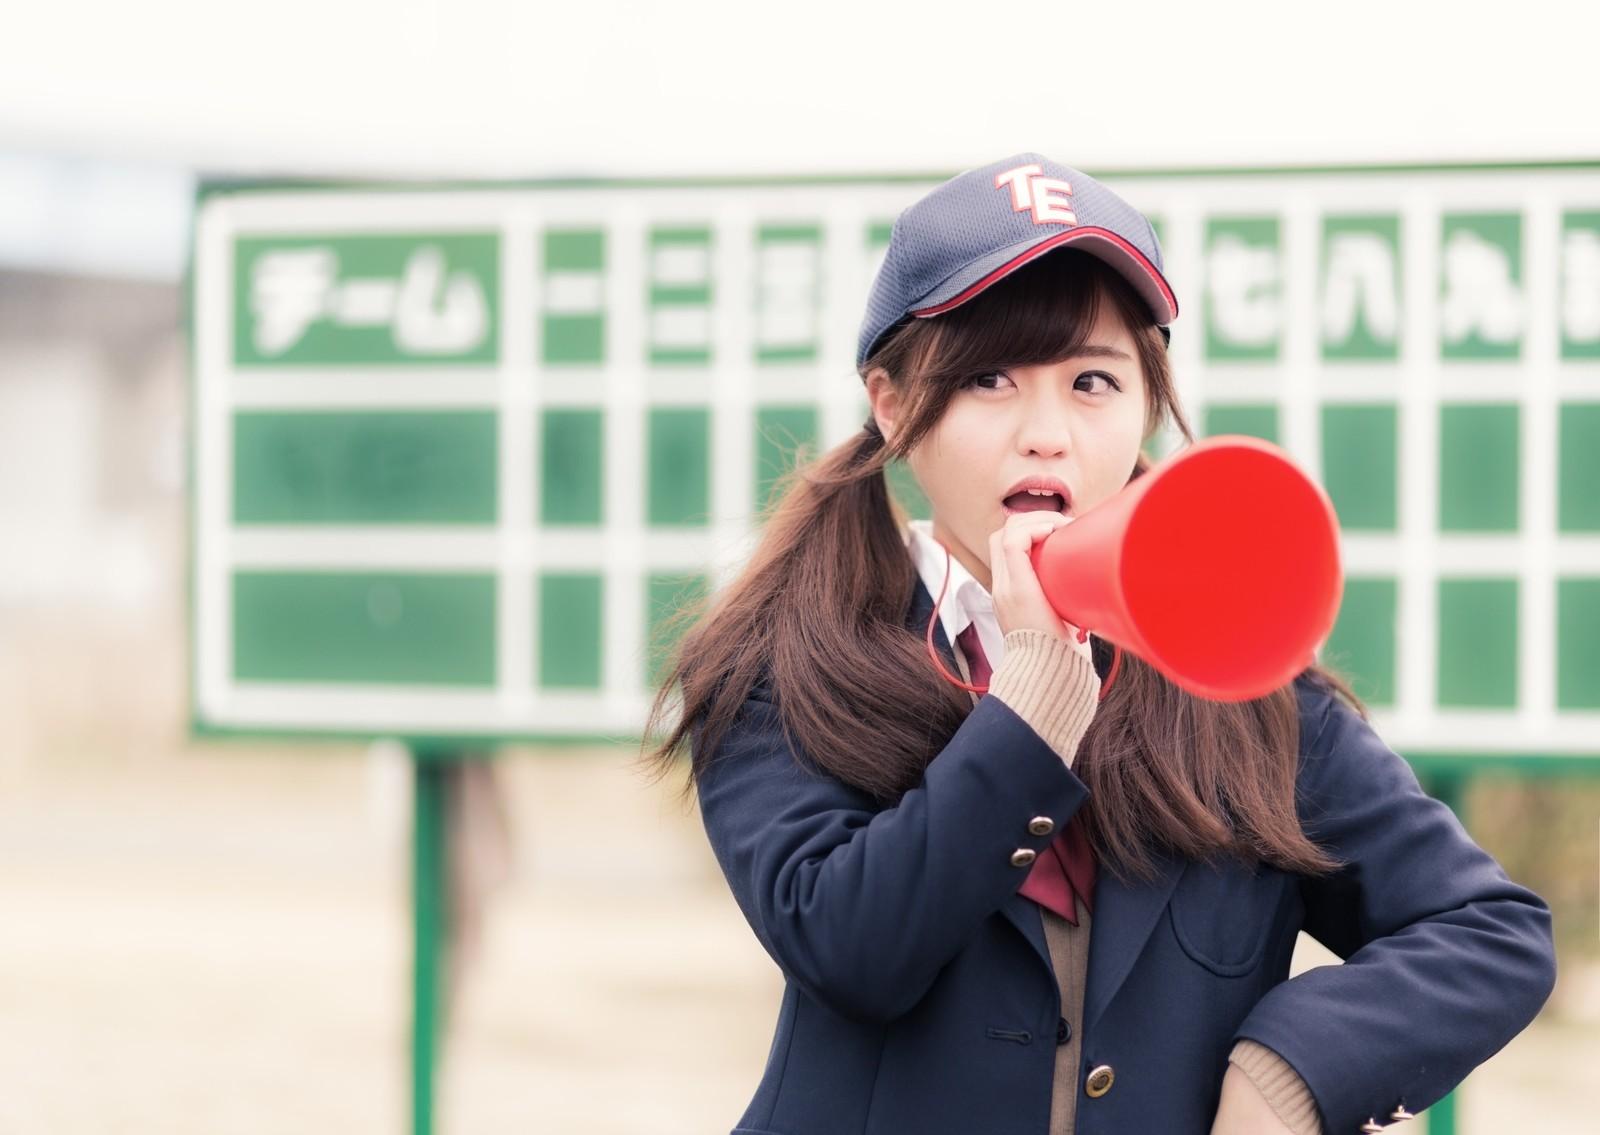 甲子園決勝最後の一球を徹底分析!最後はやっぱりストレート!?